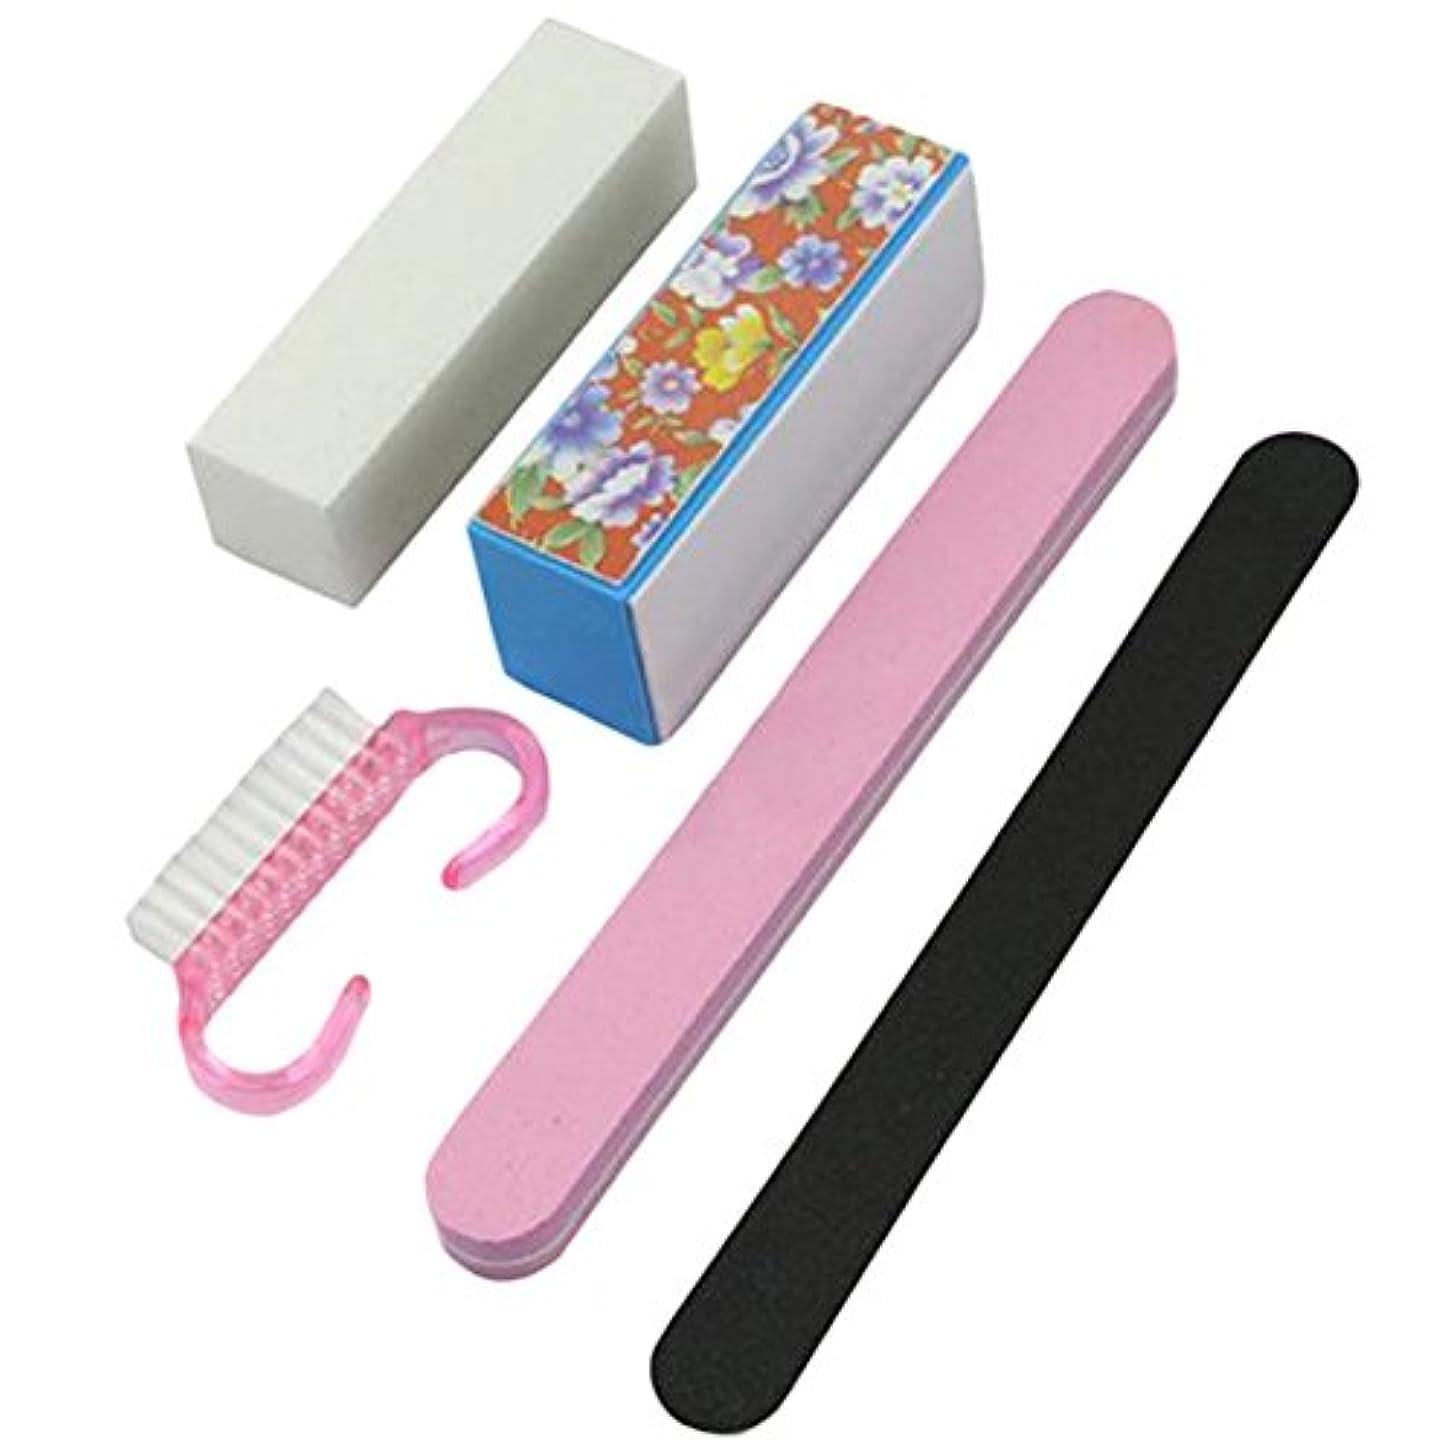 部分キャメルピザYideaHome ネイルファイル 爪やすり 爪磨き ネイルケア 5点セット ジェルネイル用ファイル